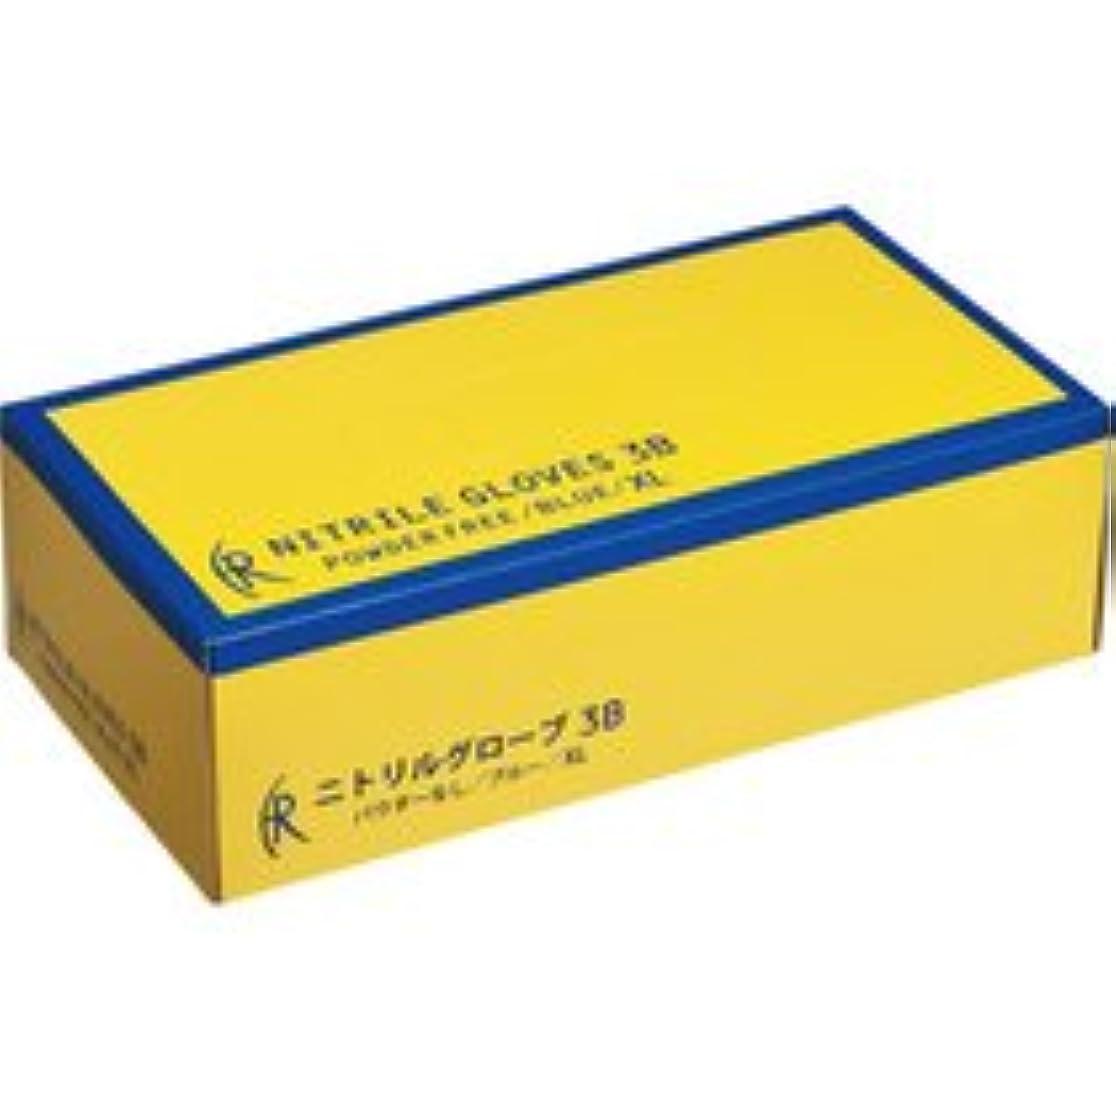 注釈を付けるセンター不純ファーストレイト ニトリルグローブ3B パウダーフリー XL FR-5664 1箱(200枚)